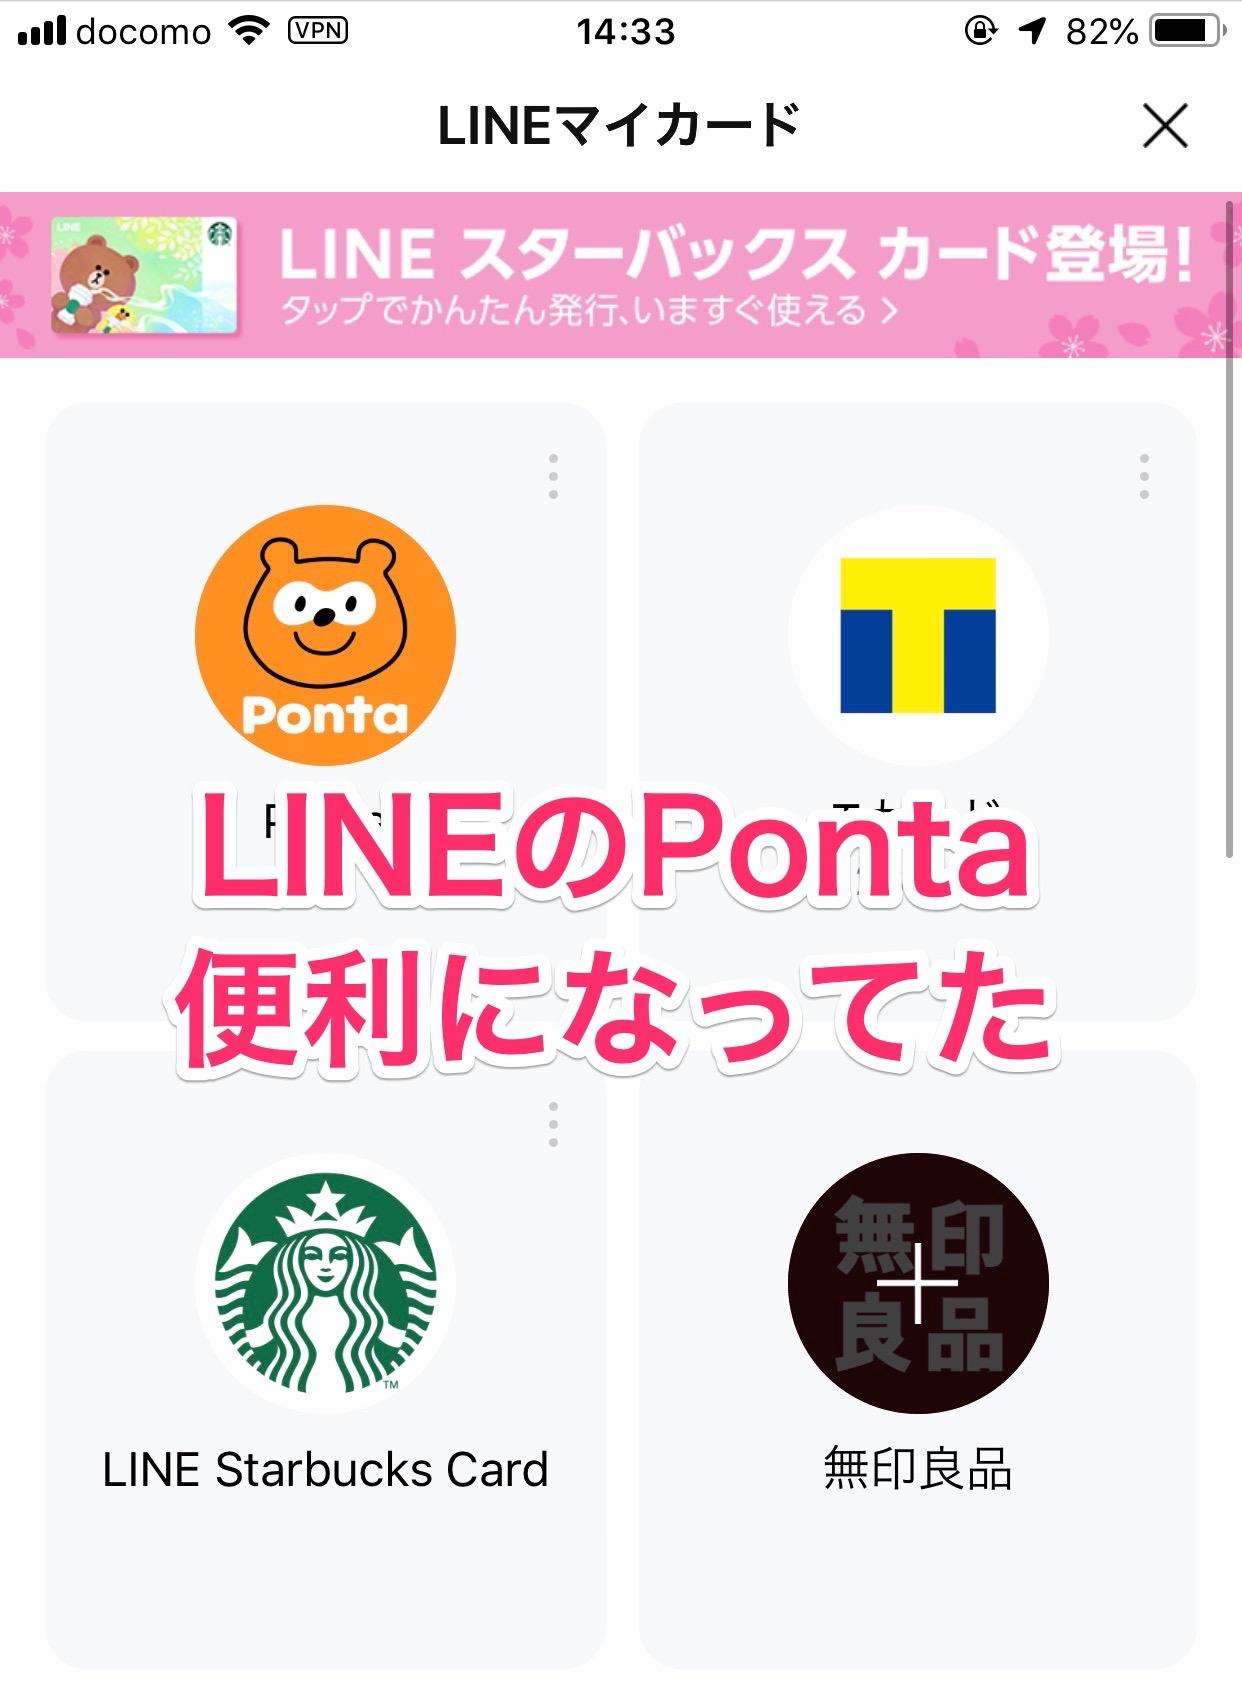 【LINE】マイカードのPontaからコード支払いへの遷移が便利になっていた